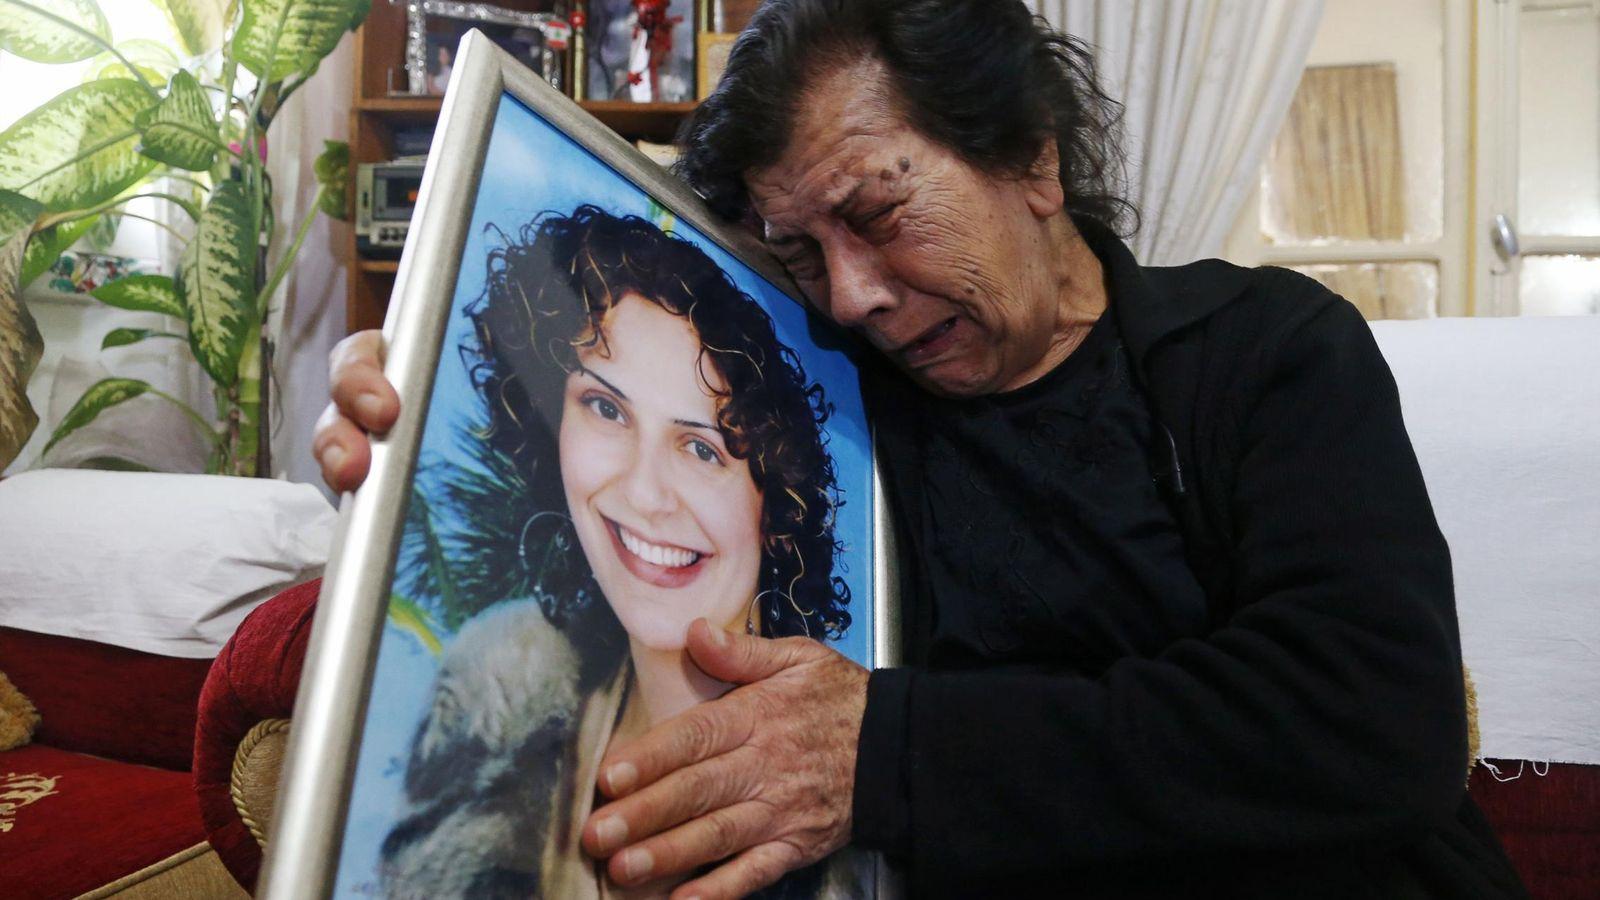 Foto: Laila, la madre de Rola Yacoub, abraza el retrato de su hija, apaleada hasta la muerte por su marido delante de sus hijos en Beirut, en 2013 (Reuters)